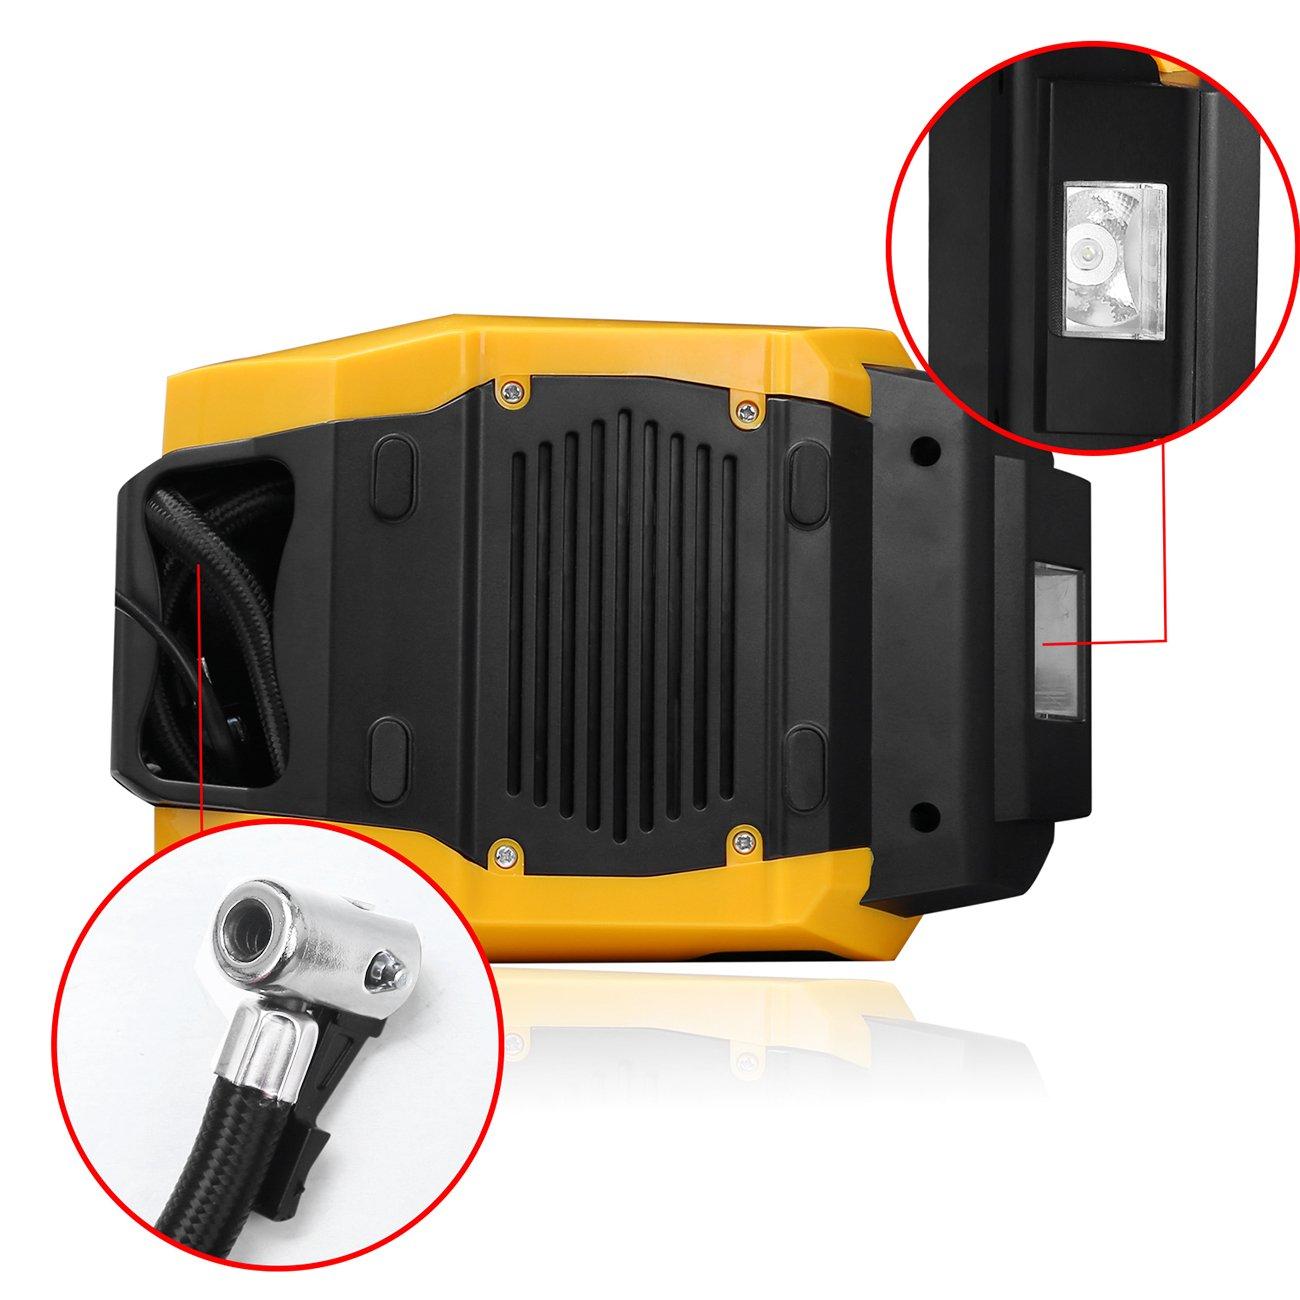 Amazon.es: Favoto Compresor Portátil de Aire Bomba Inflador Automático de Presión de Neumáticos Digital de Emergencia con 12V DC 150 PSI para Coche ...